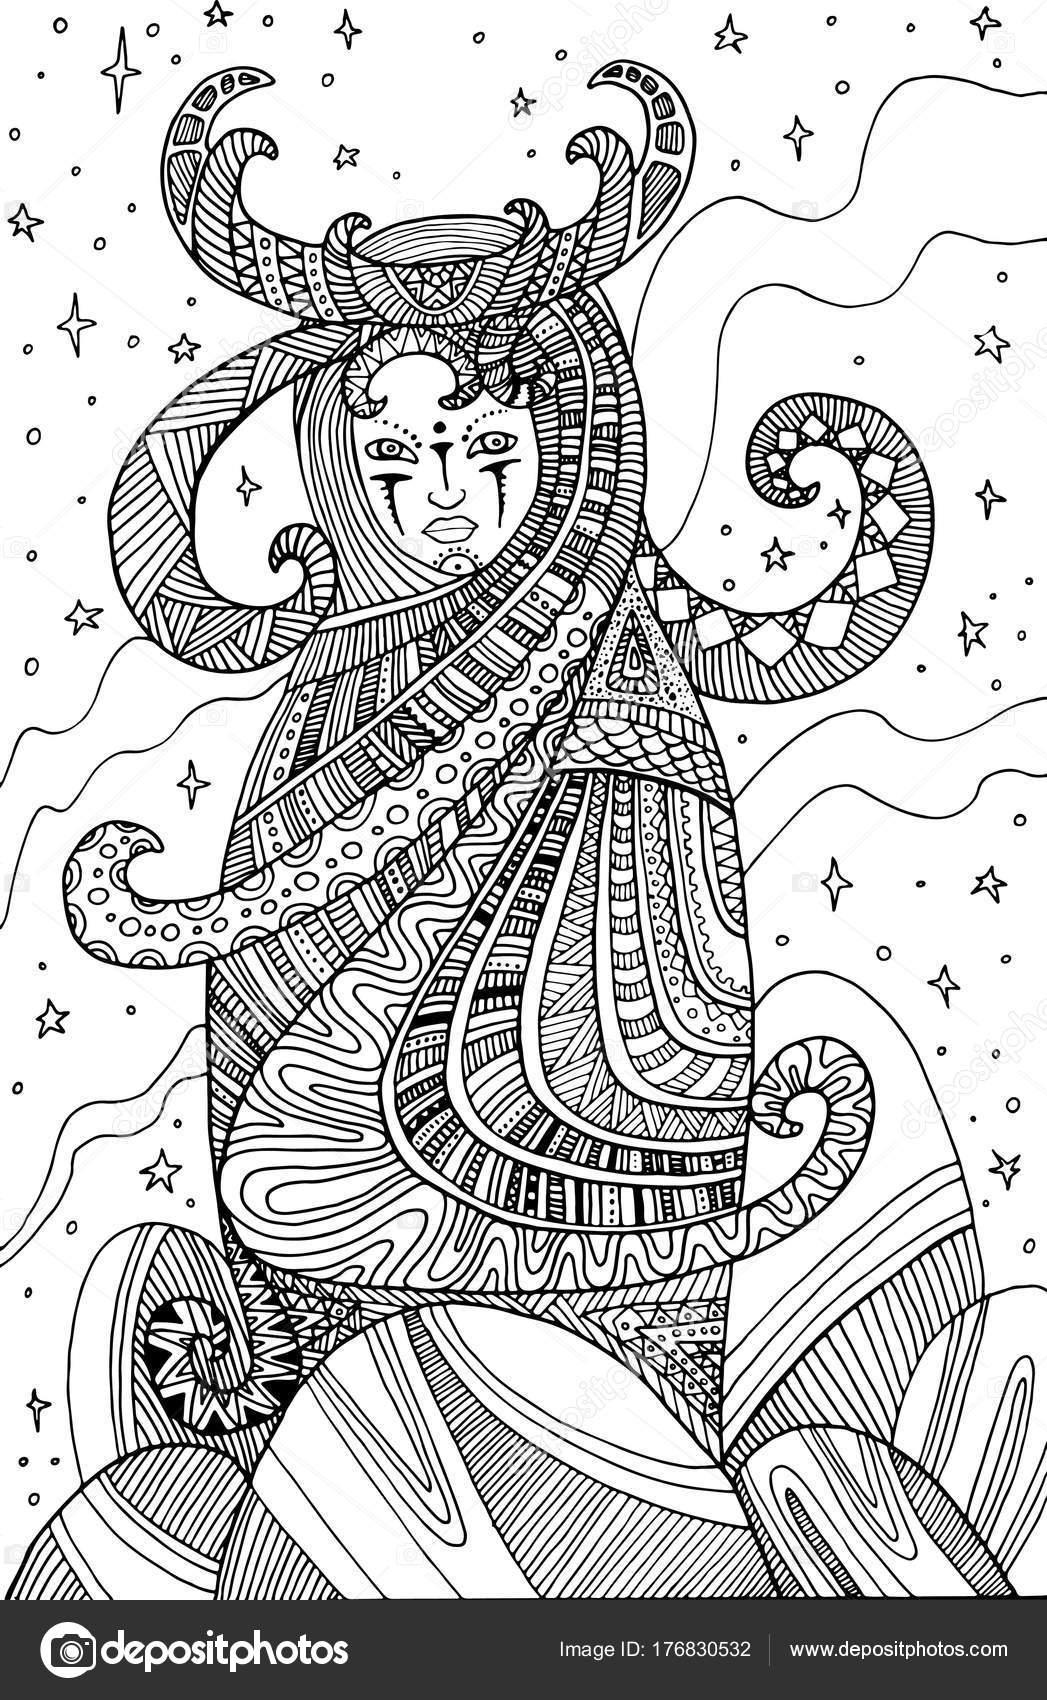 Shaman Femme Surrealiste Coloriage Pour Enfants Et Adultes Image